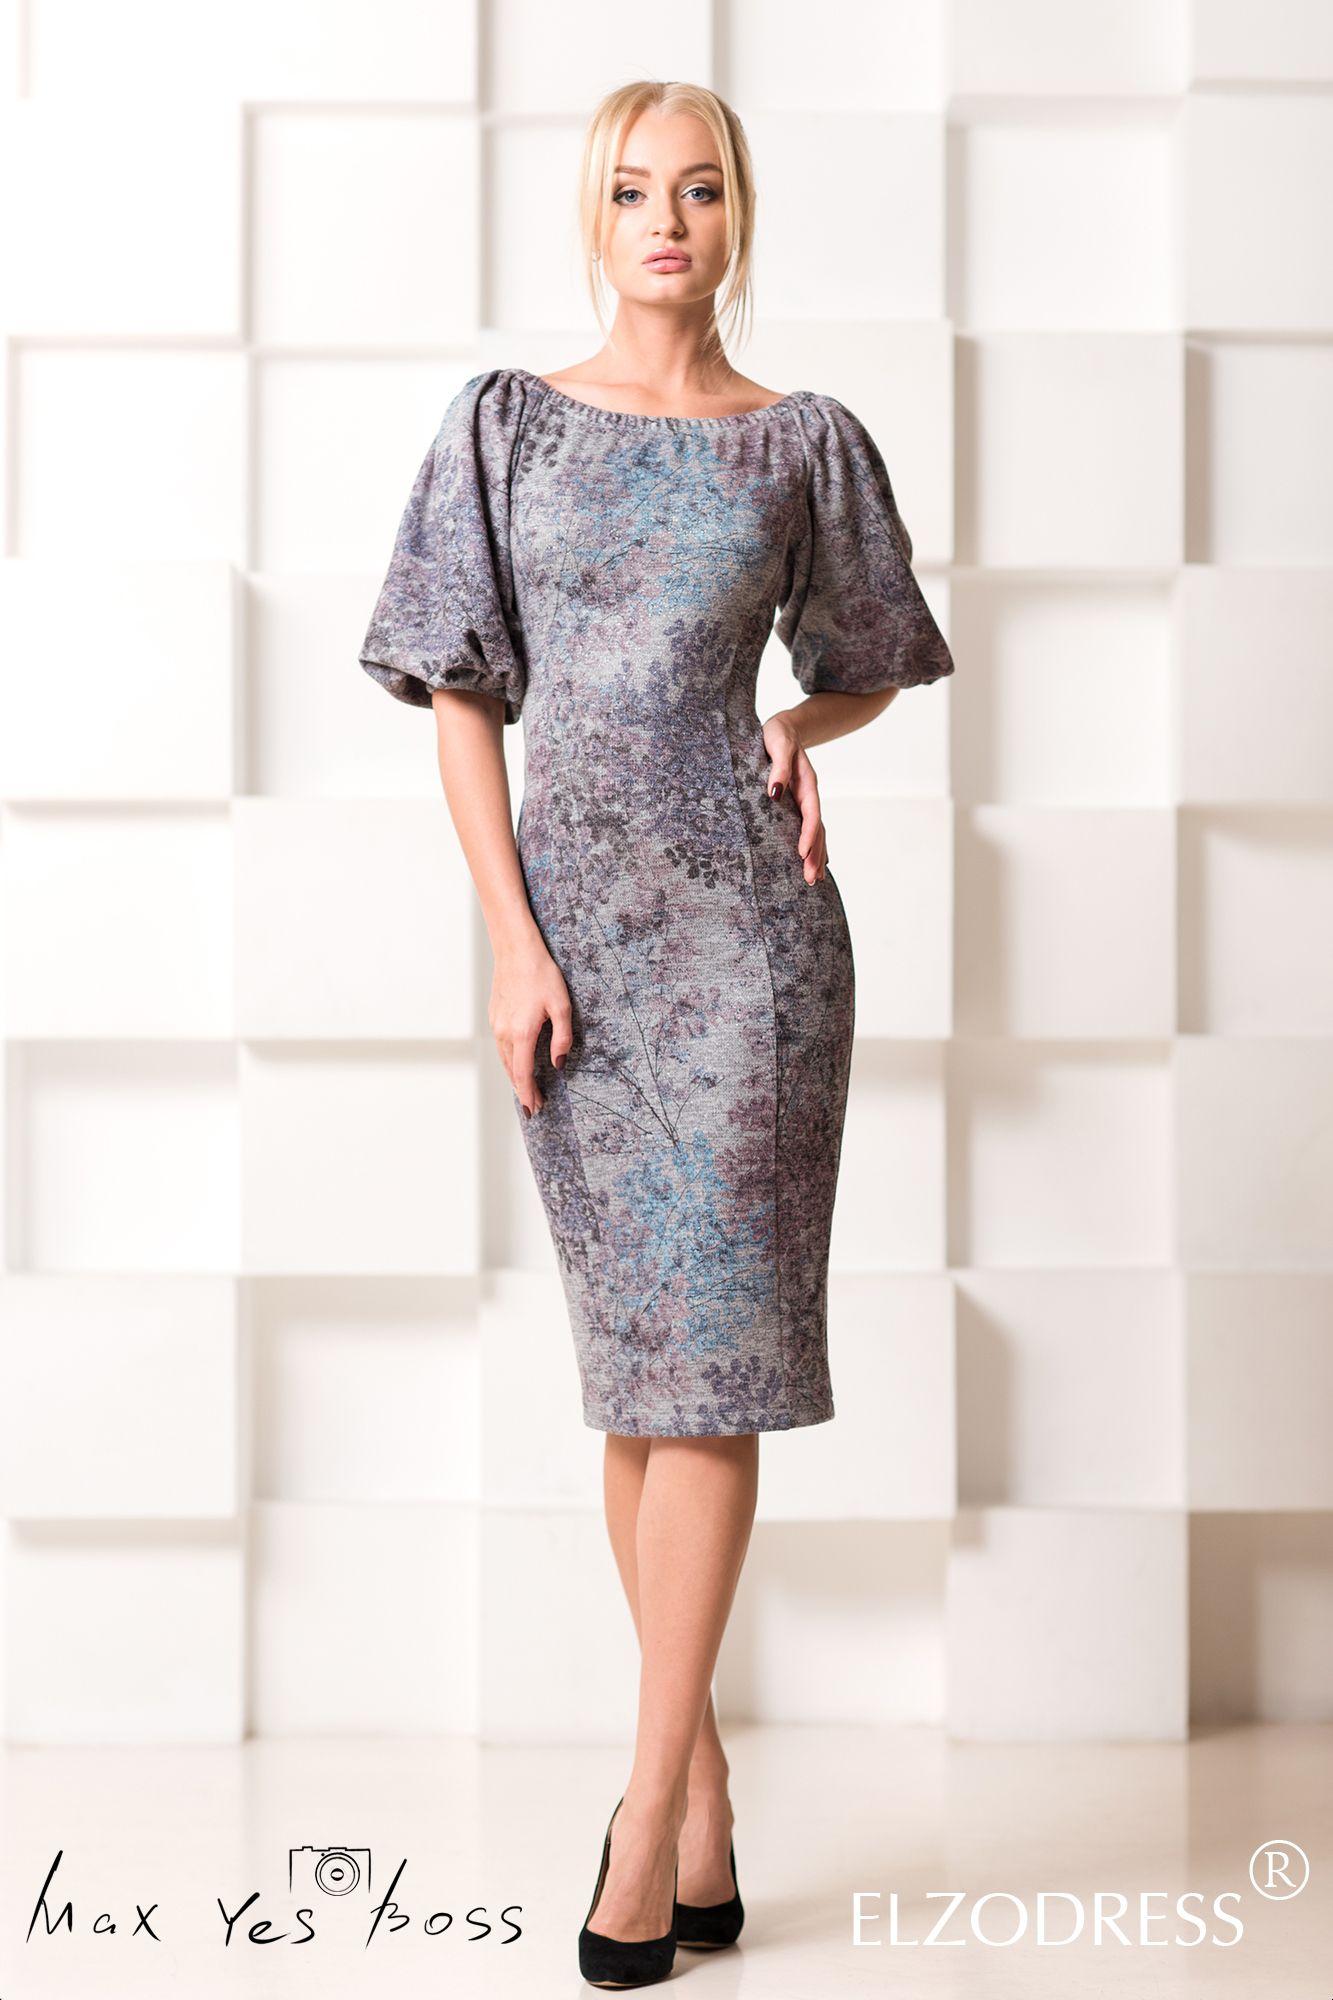 ad18c874717 Платье футляр в миди длине в магазине «August van der Walz» на  Ламбада-маркете